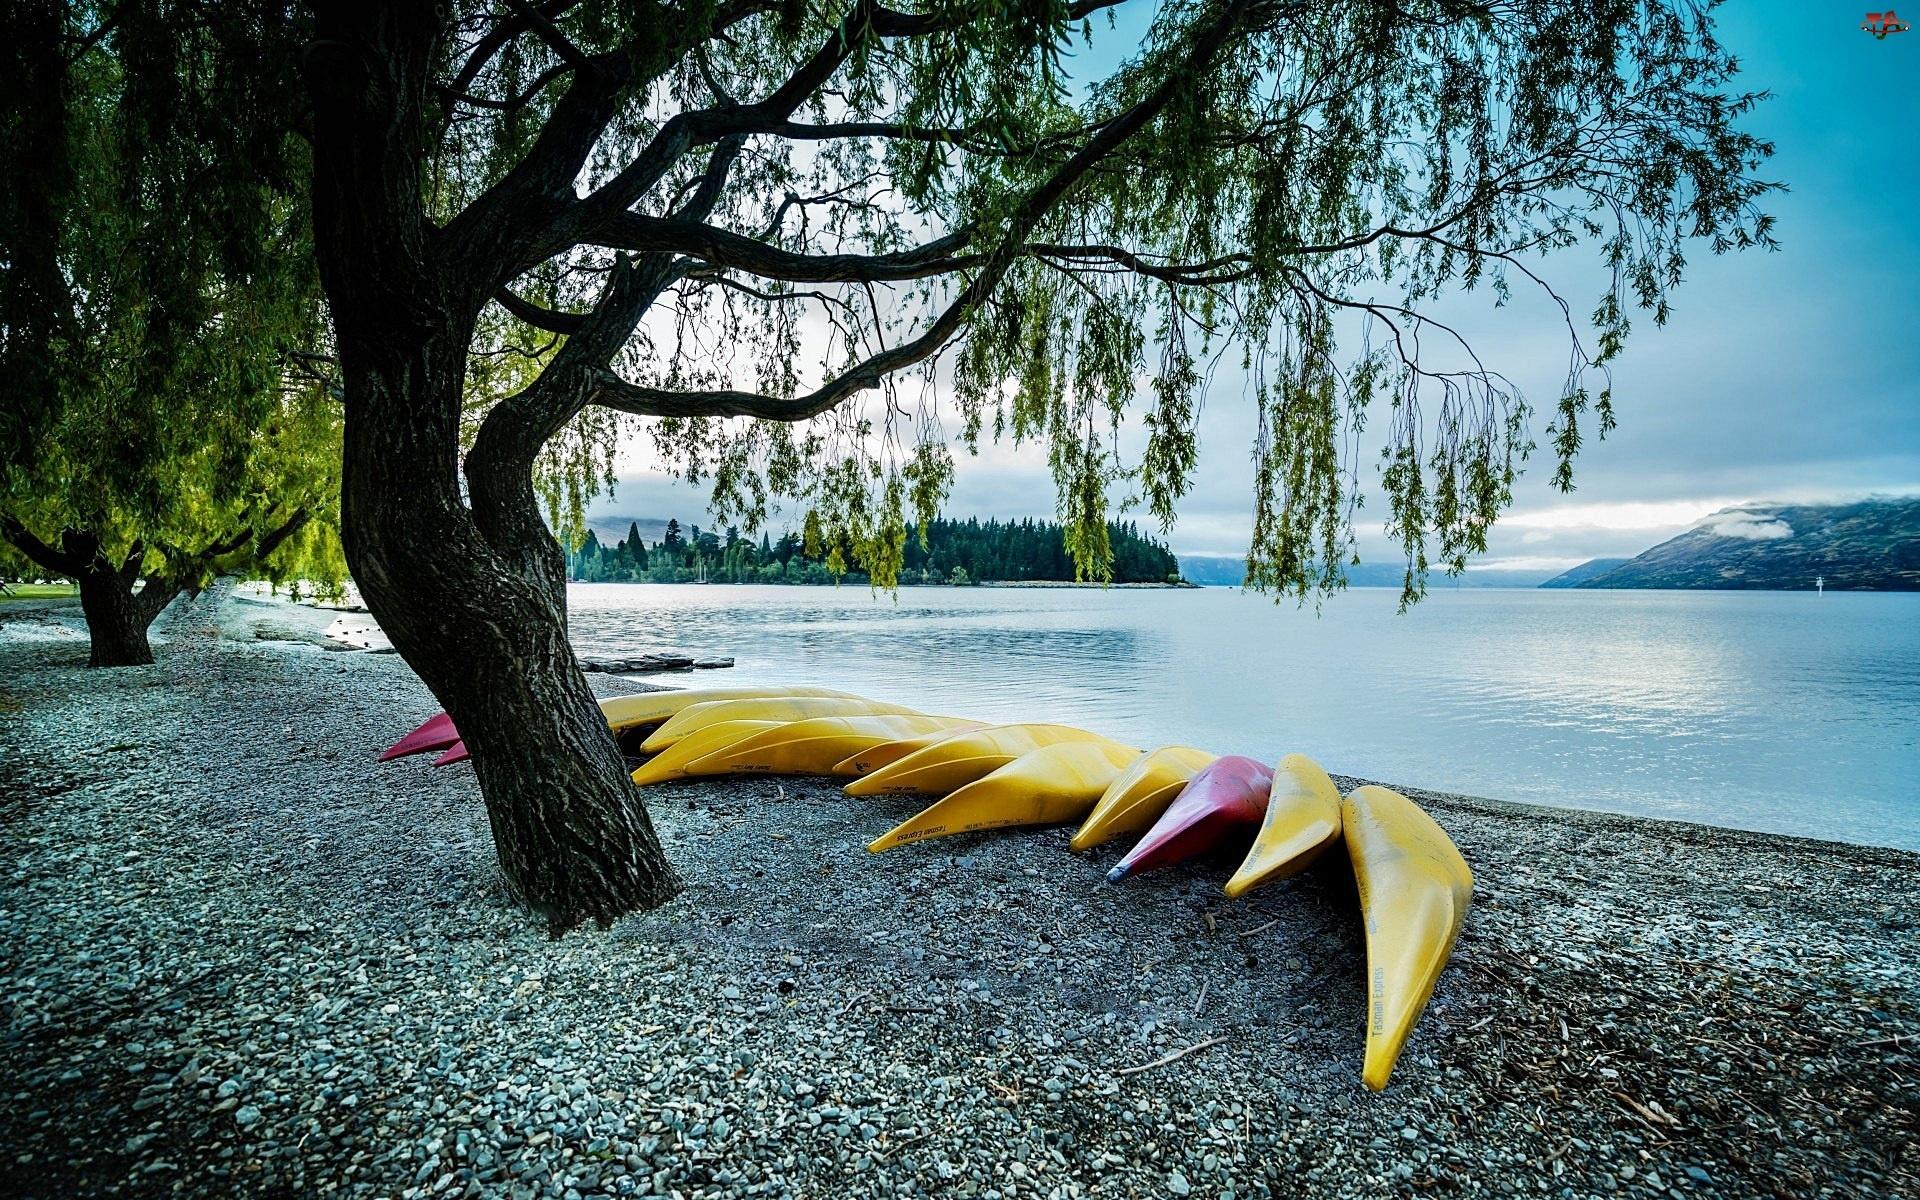 Łódki, Jezioro, Drzewo